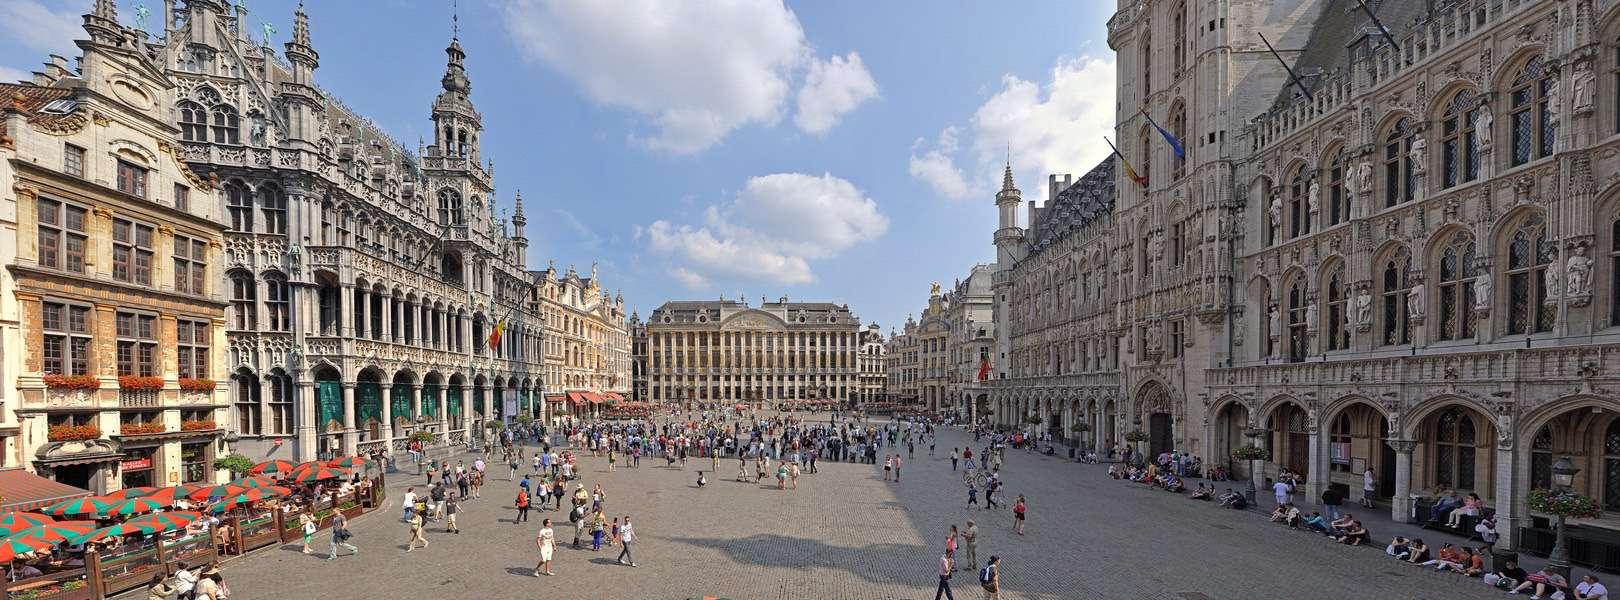 Blick auf den Grand Place in Brüssel der Hauptstadt von Belgien